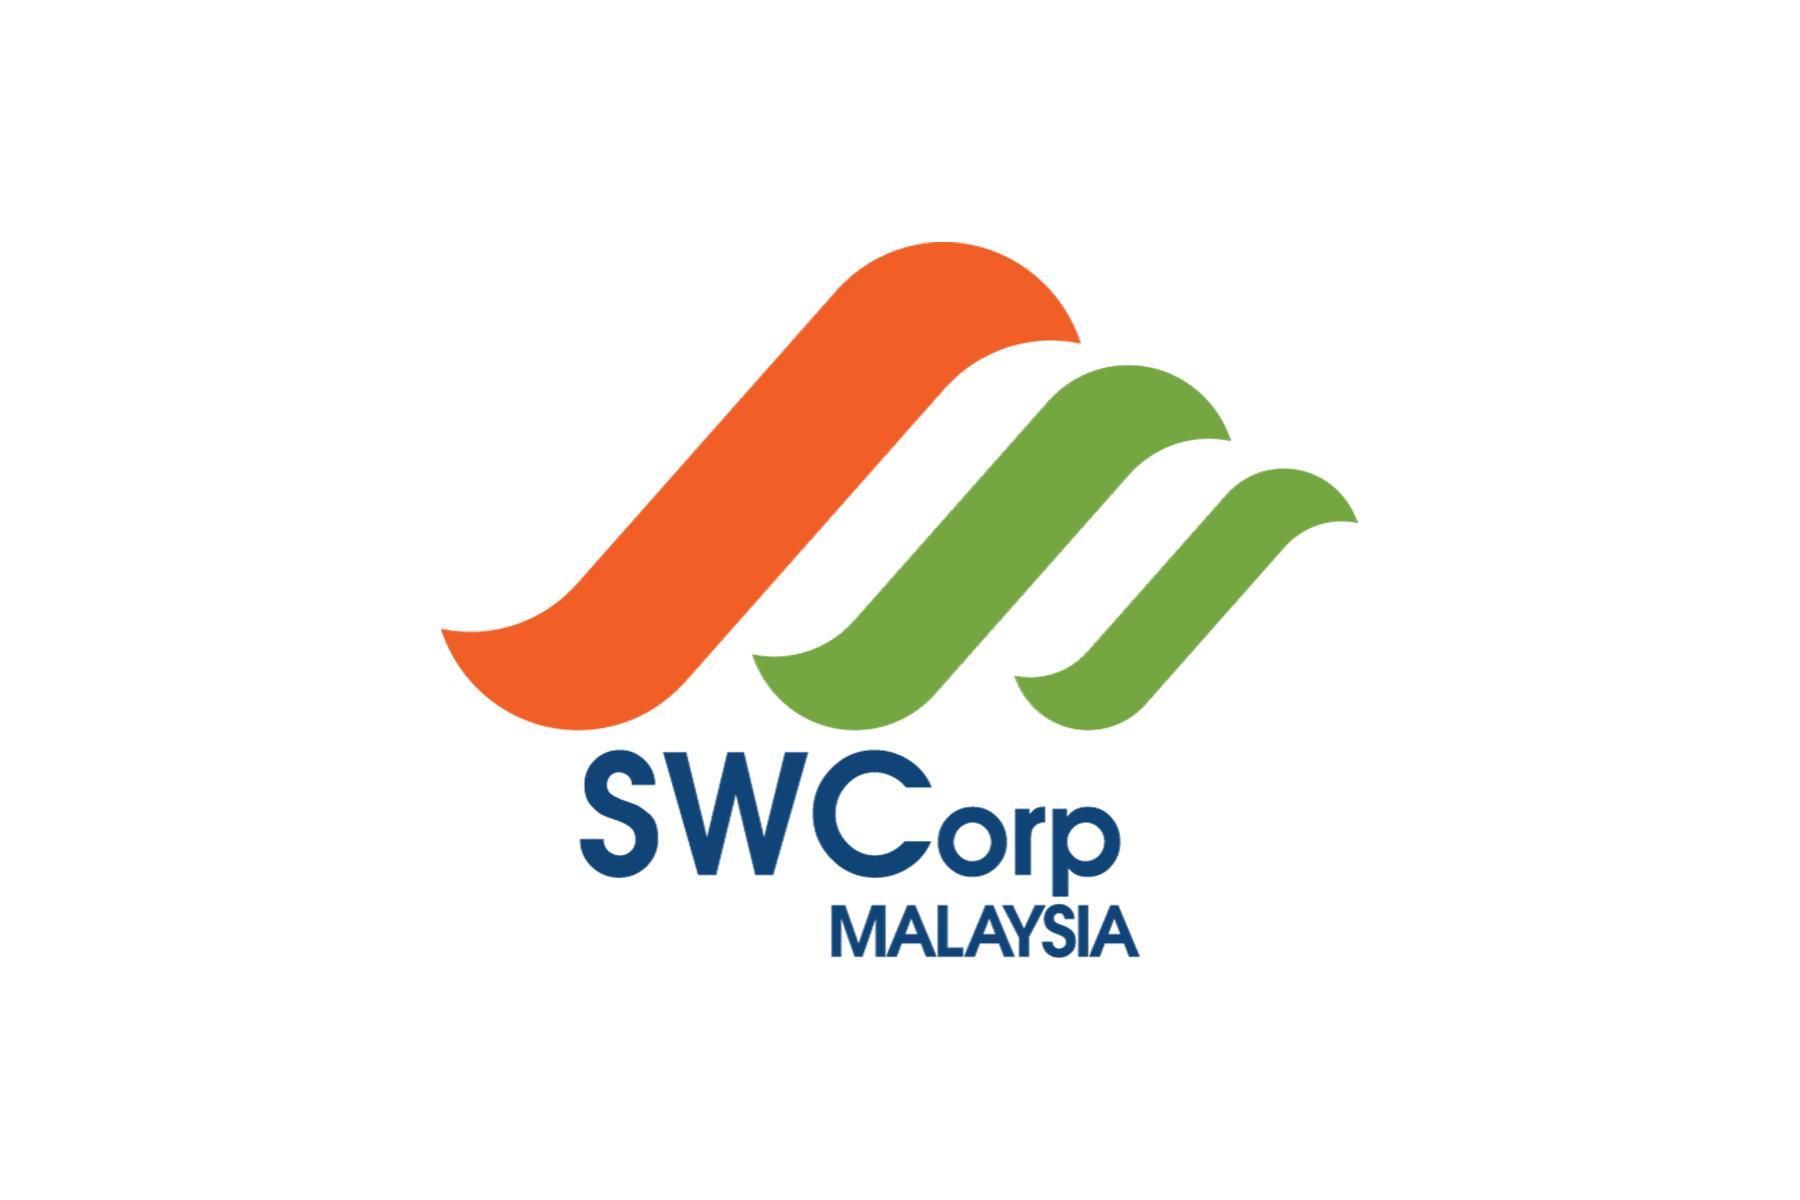 swcorp